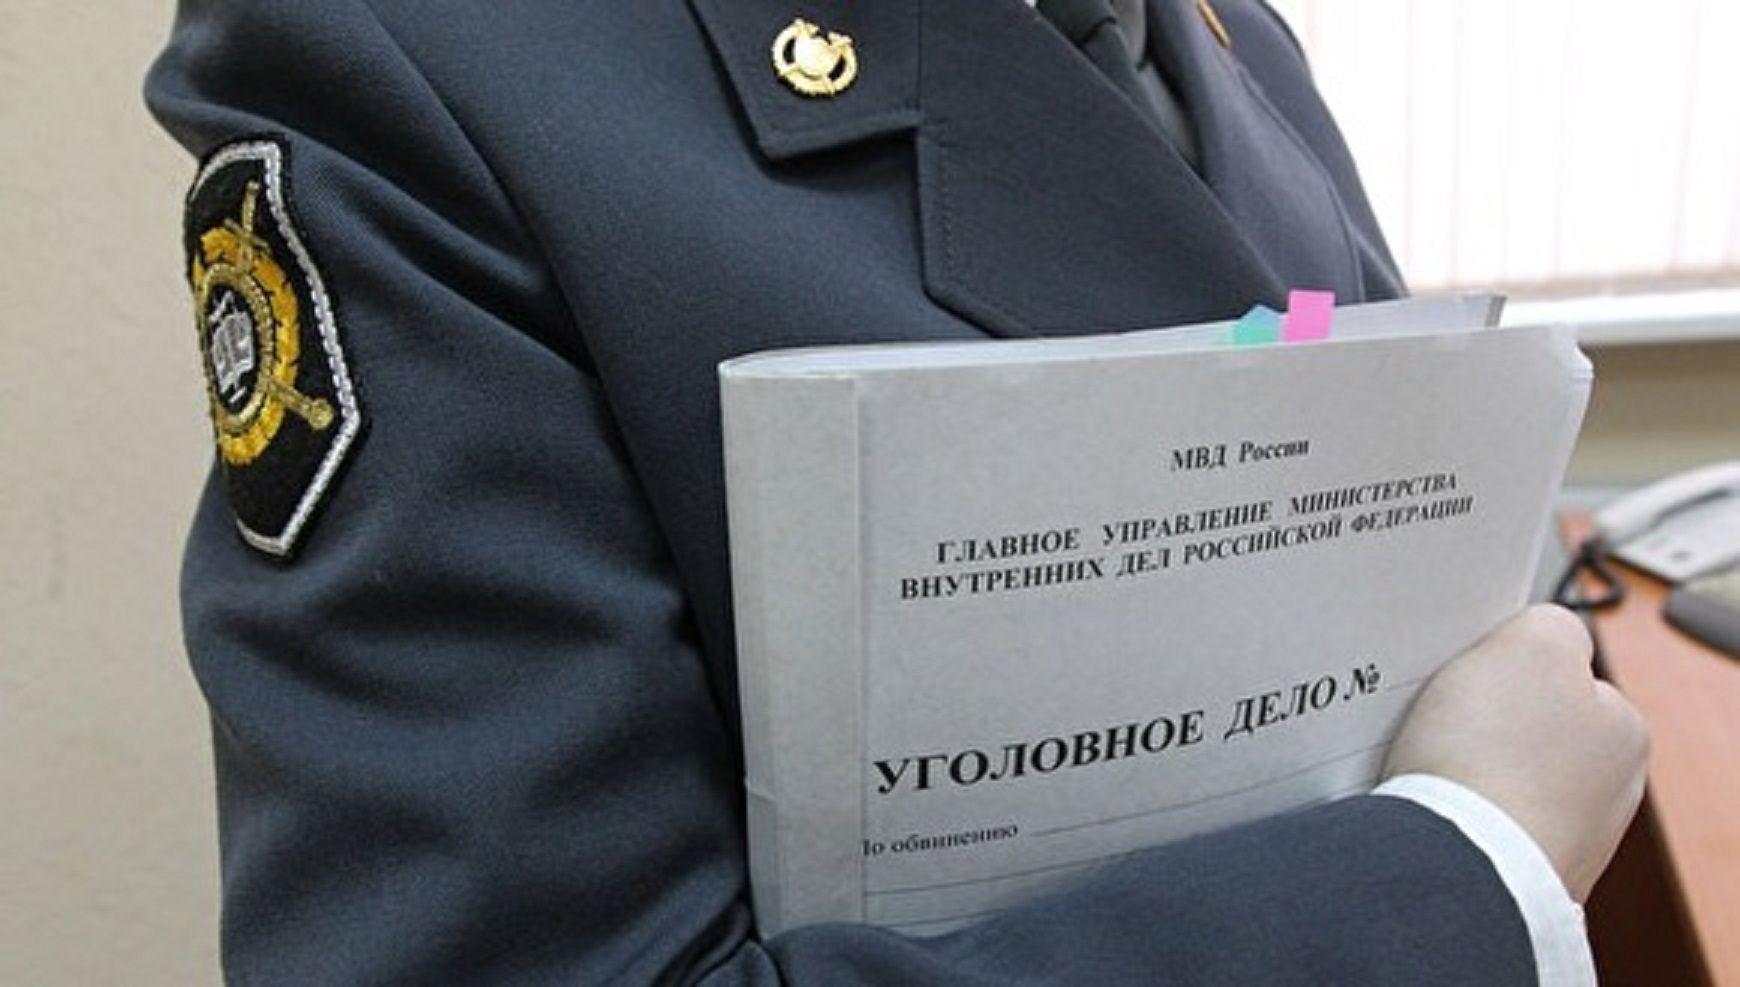 Следователи подозревали медперсонала всмерти пациентки наСтаврополье